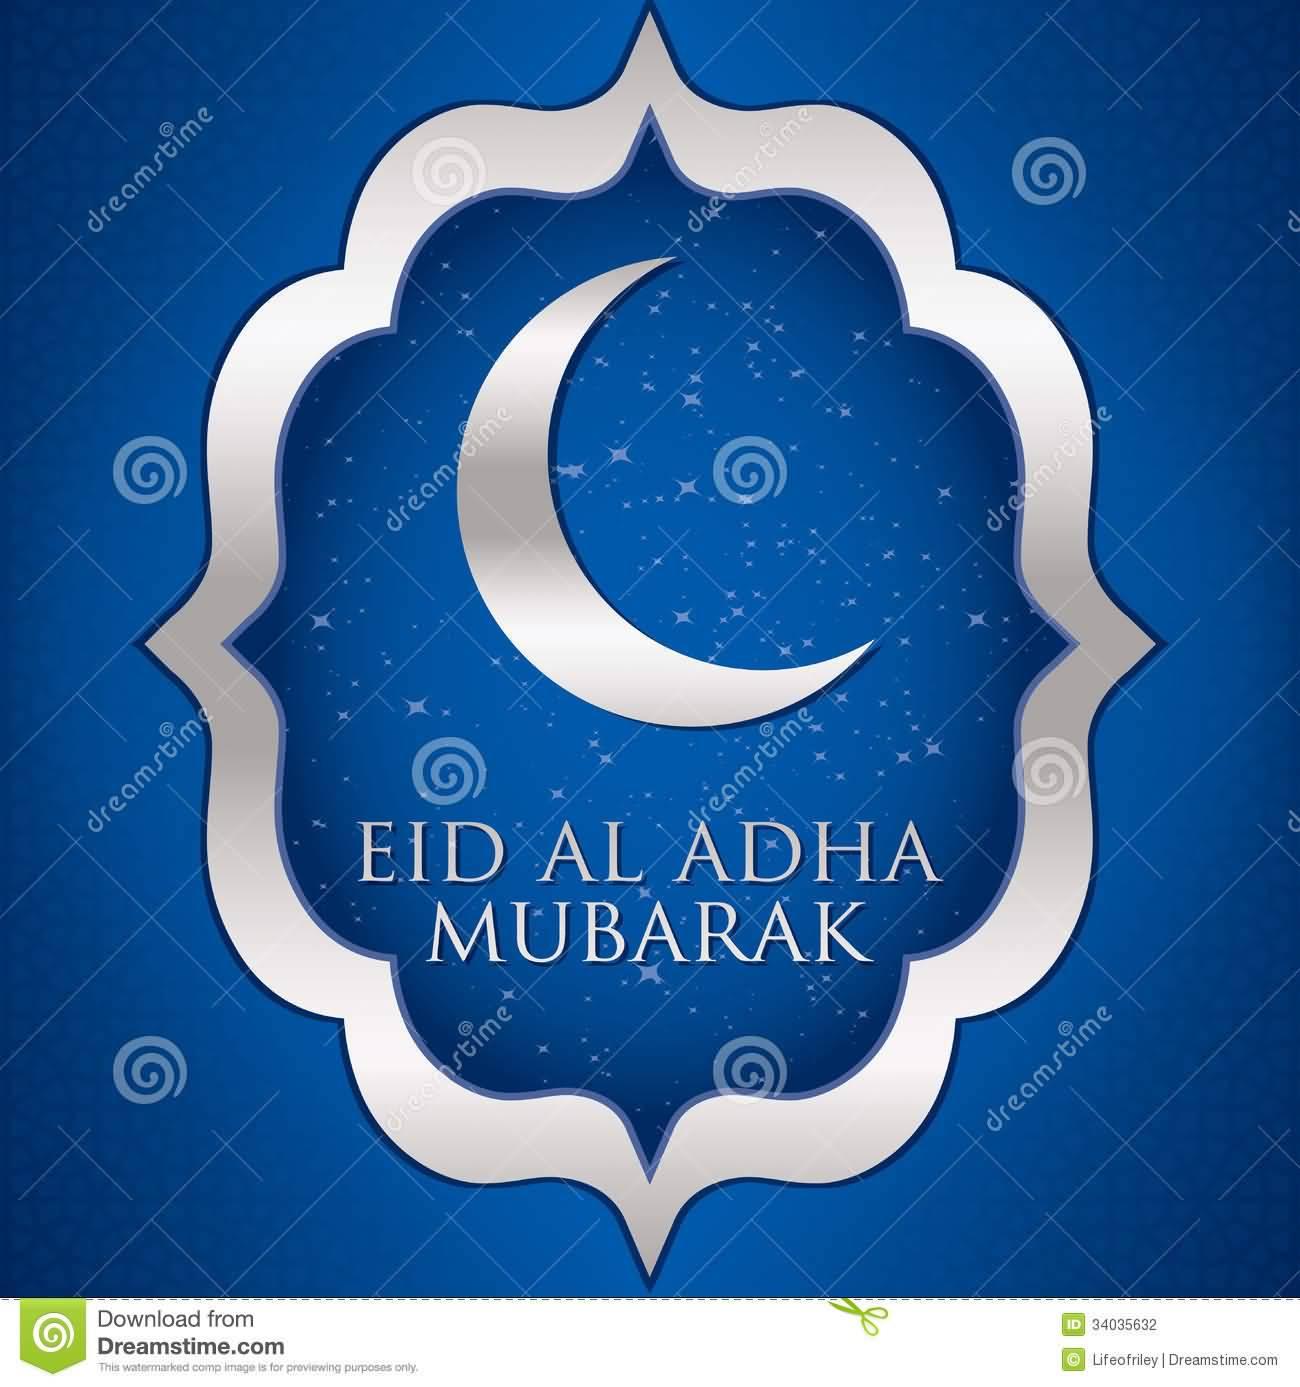 eid ul adha Eid-al-adha 86 likes 1 talking about this 358 were here eid al adha.